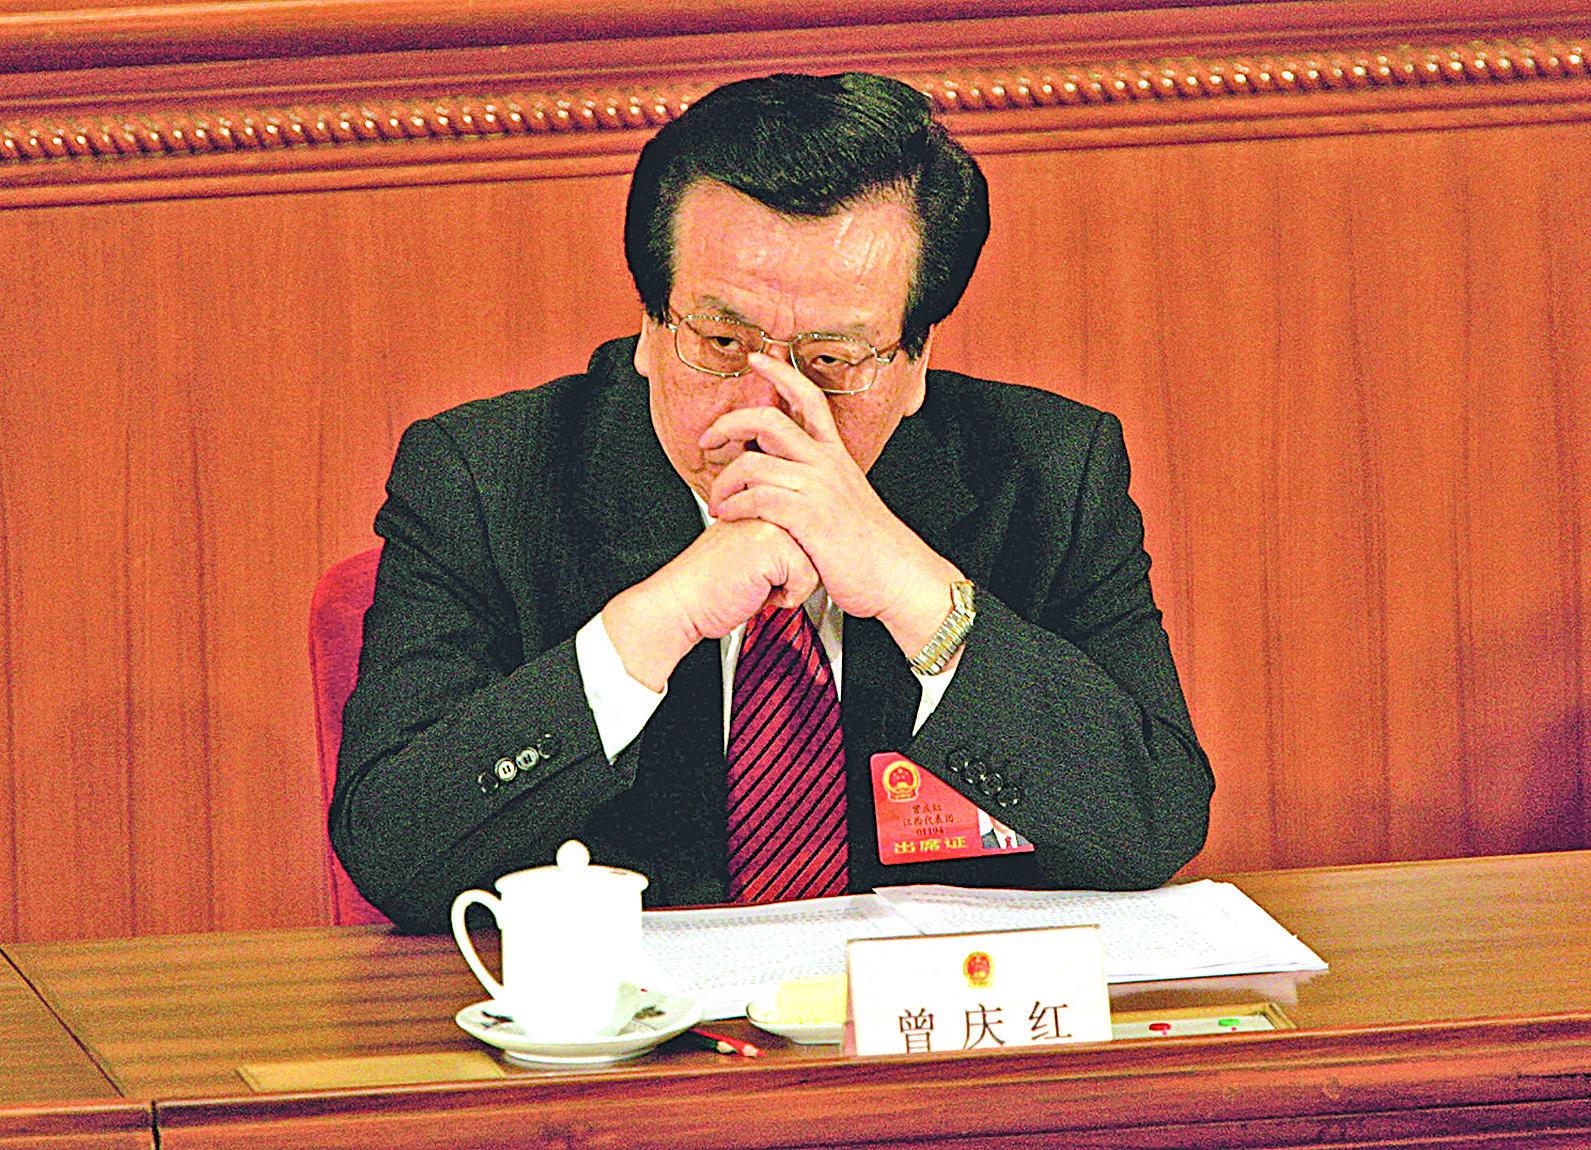 曾慶紅一直給江澤民鎮壓法輪功出謀劃策,台前幕後不遺餘力,是執行迫害的罪大惡極的幾大元兇之一。(Getty Images)